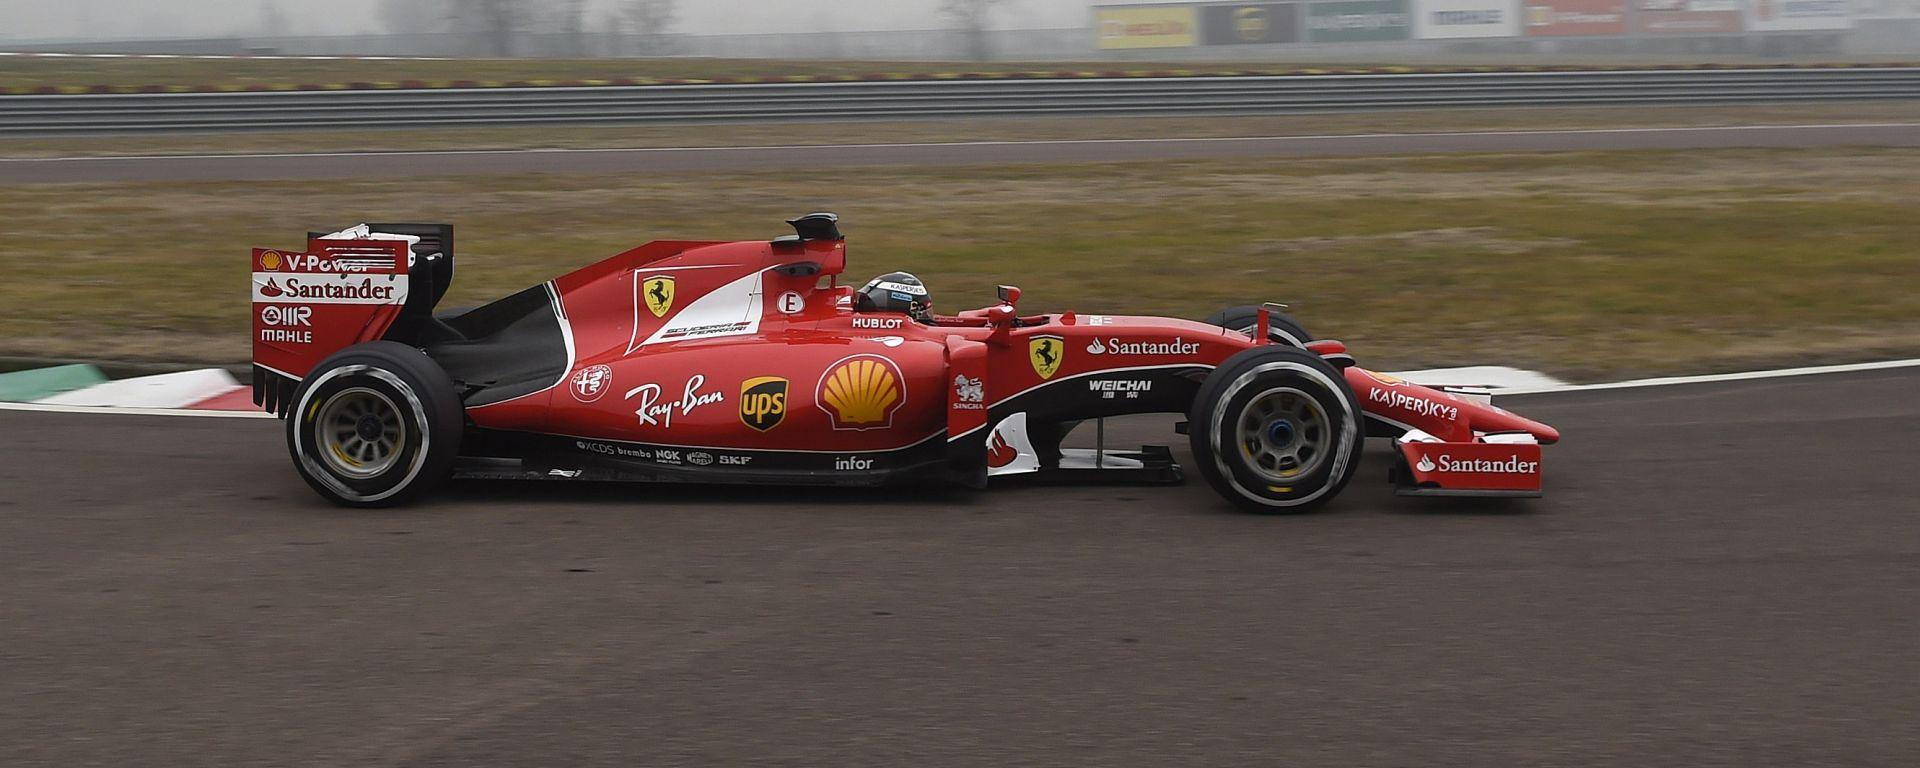 Antonio Giovinazzi - Scuderia Ferrari F1